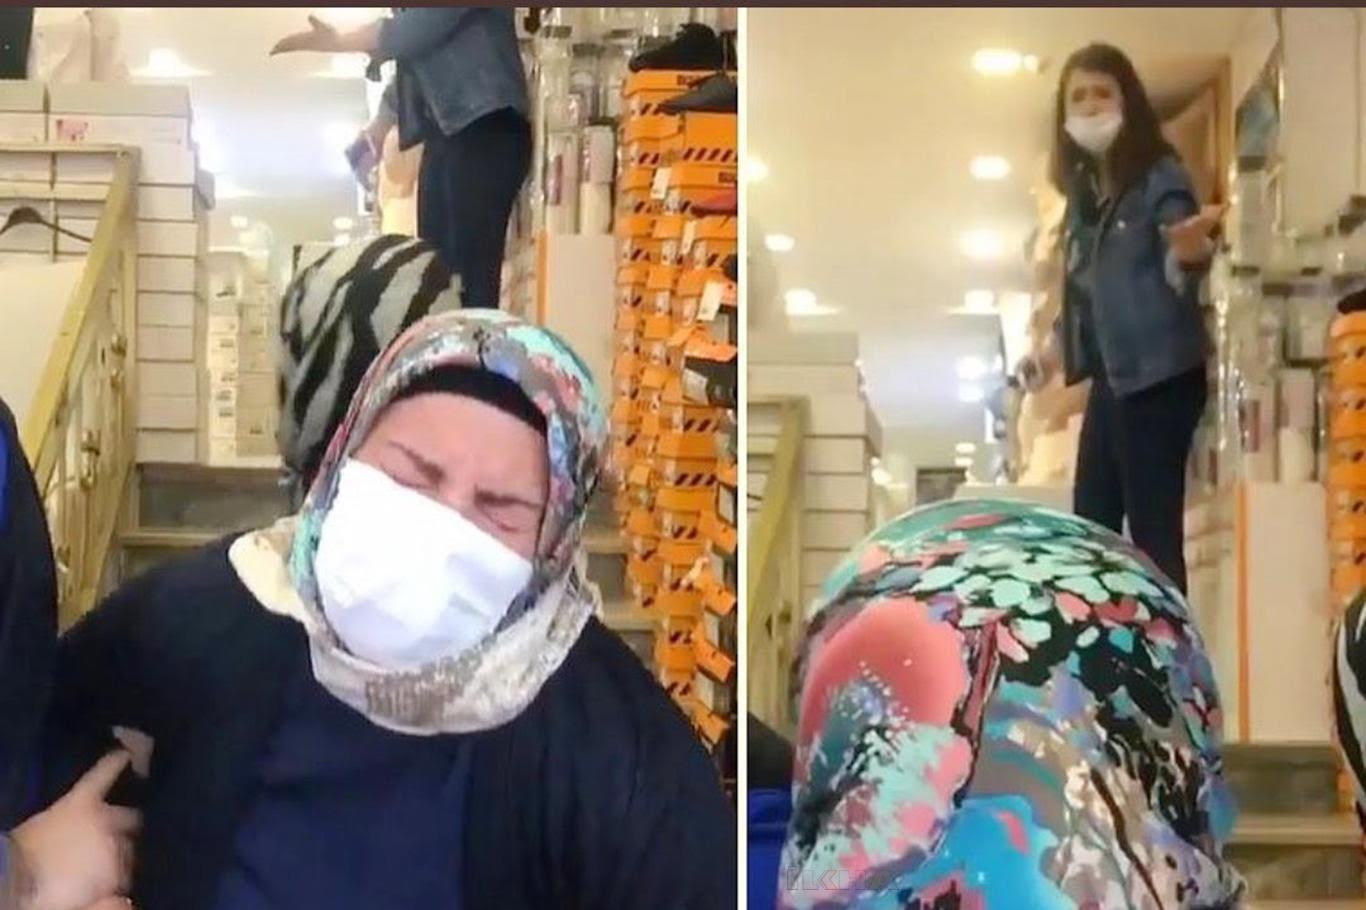 Ayakkabı mağazasında annesini dövdüğü iddia edilen kıza tepki yağdı